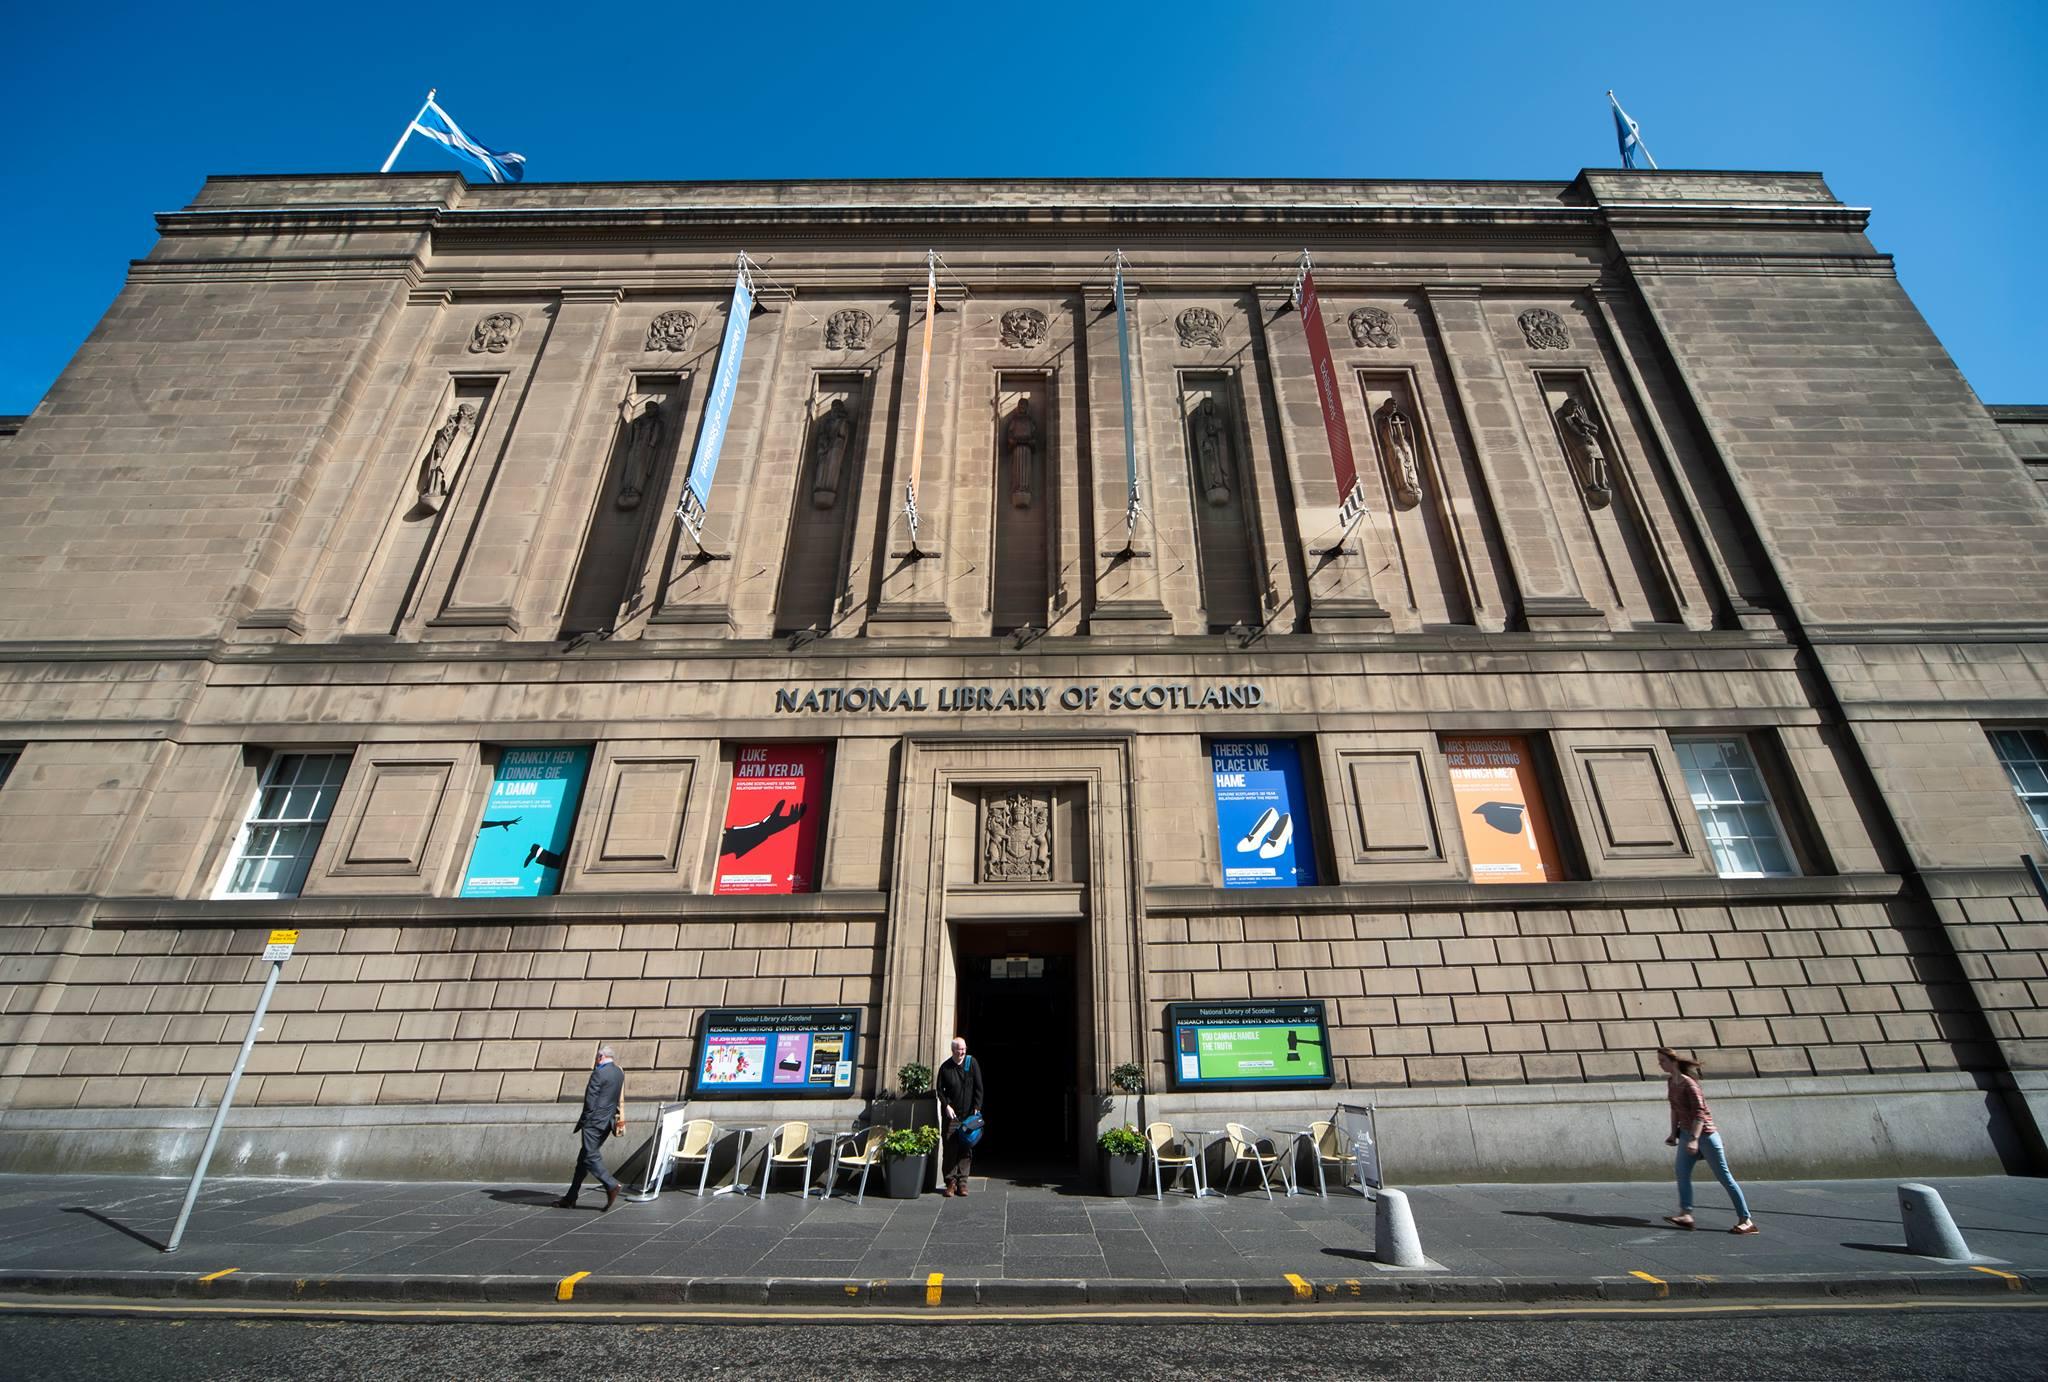 หอสมุดแห่งชาติสก็อตแลนด์-ด้านหน้าอาคาร